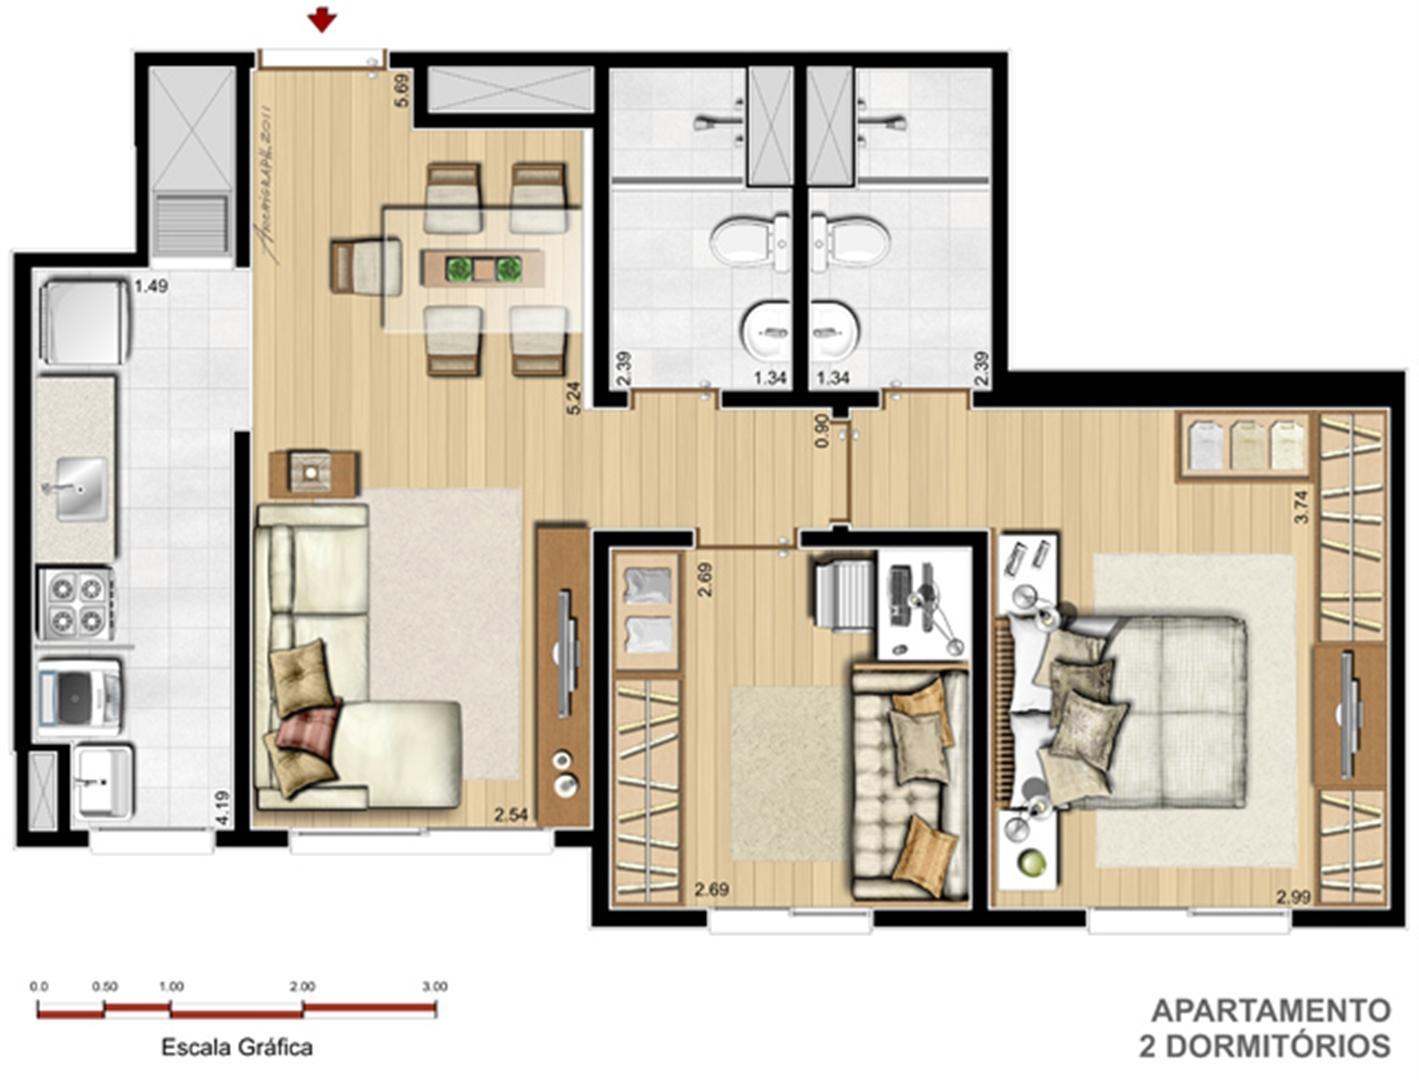 Apto. 2 dorms. com suíte - 56,21 m² | Way – Apartamento  Junto ao Menino Deus - Porto Alegre - Rio Grande do Sul